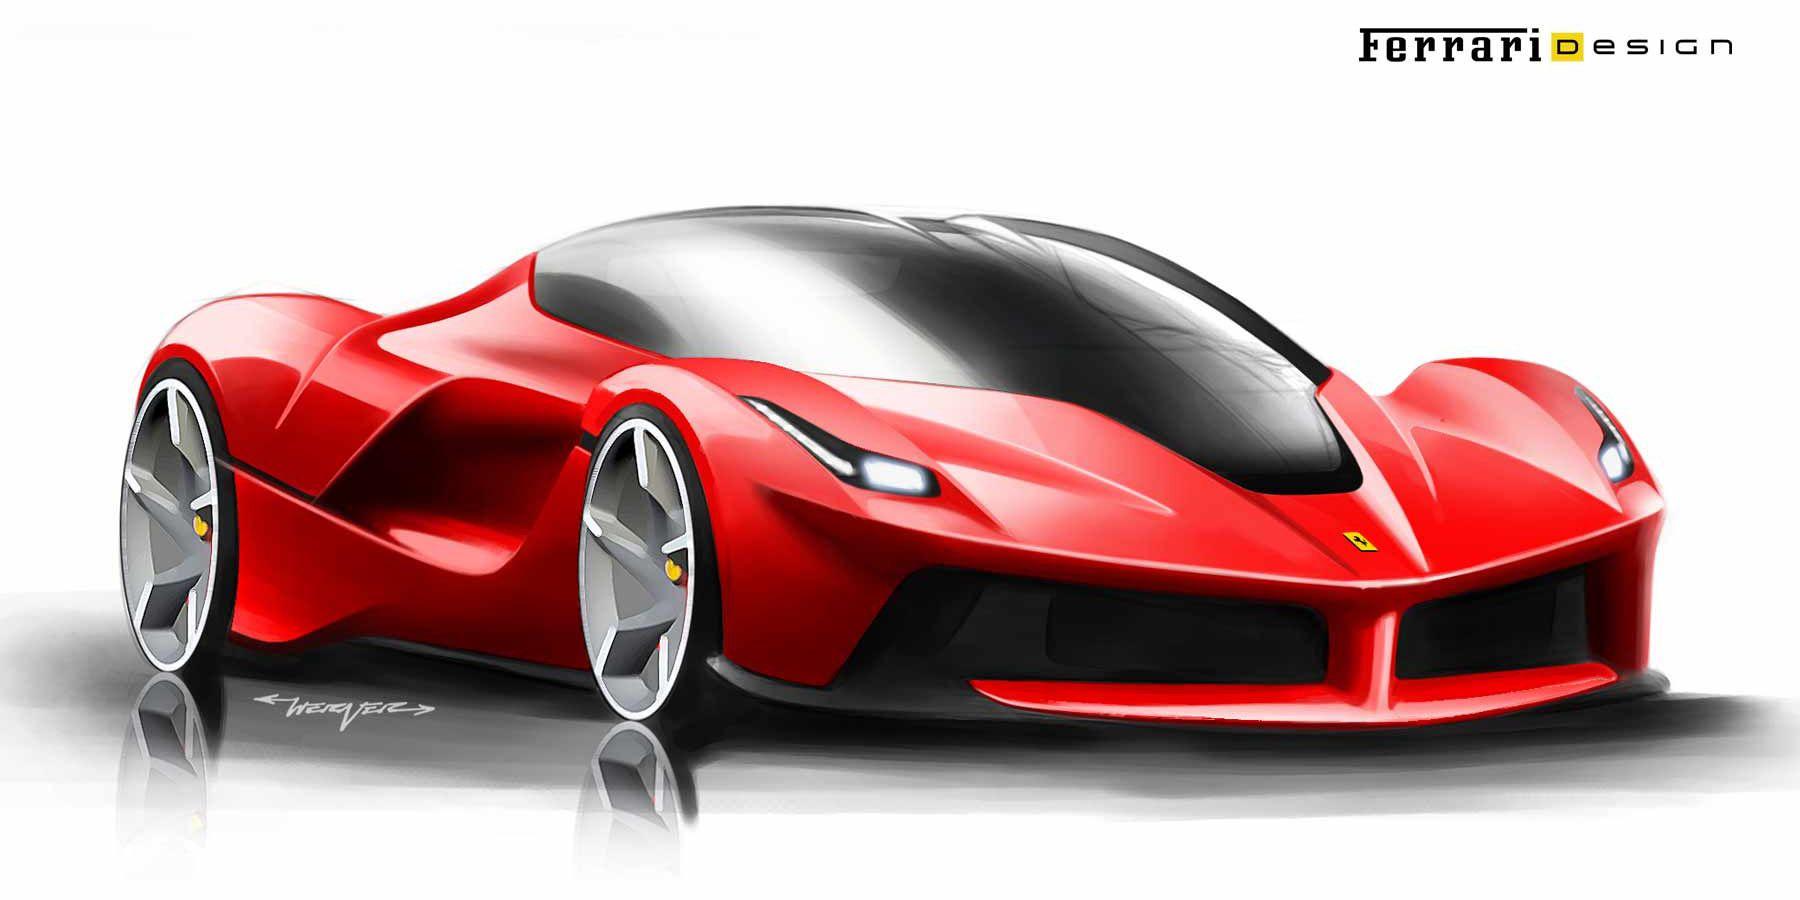 Ferrari Design Sketches Google Search Race Car Super Car